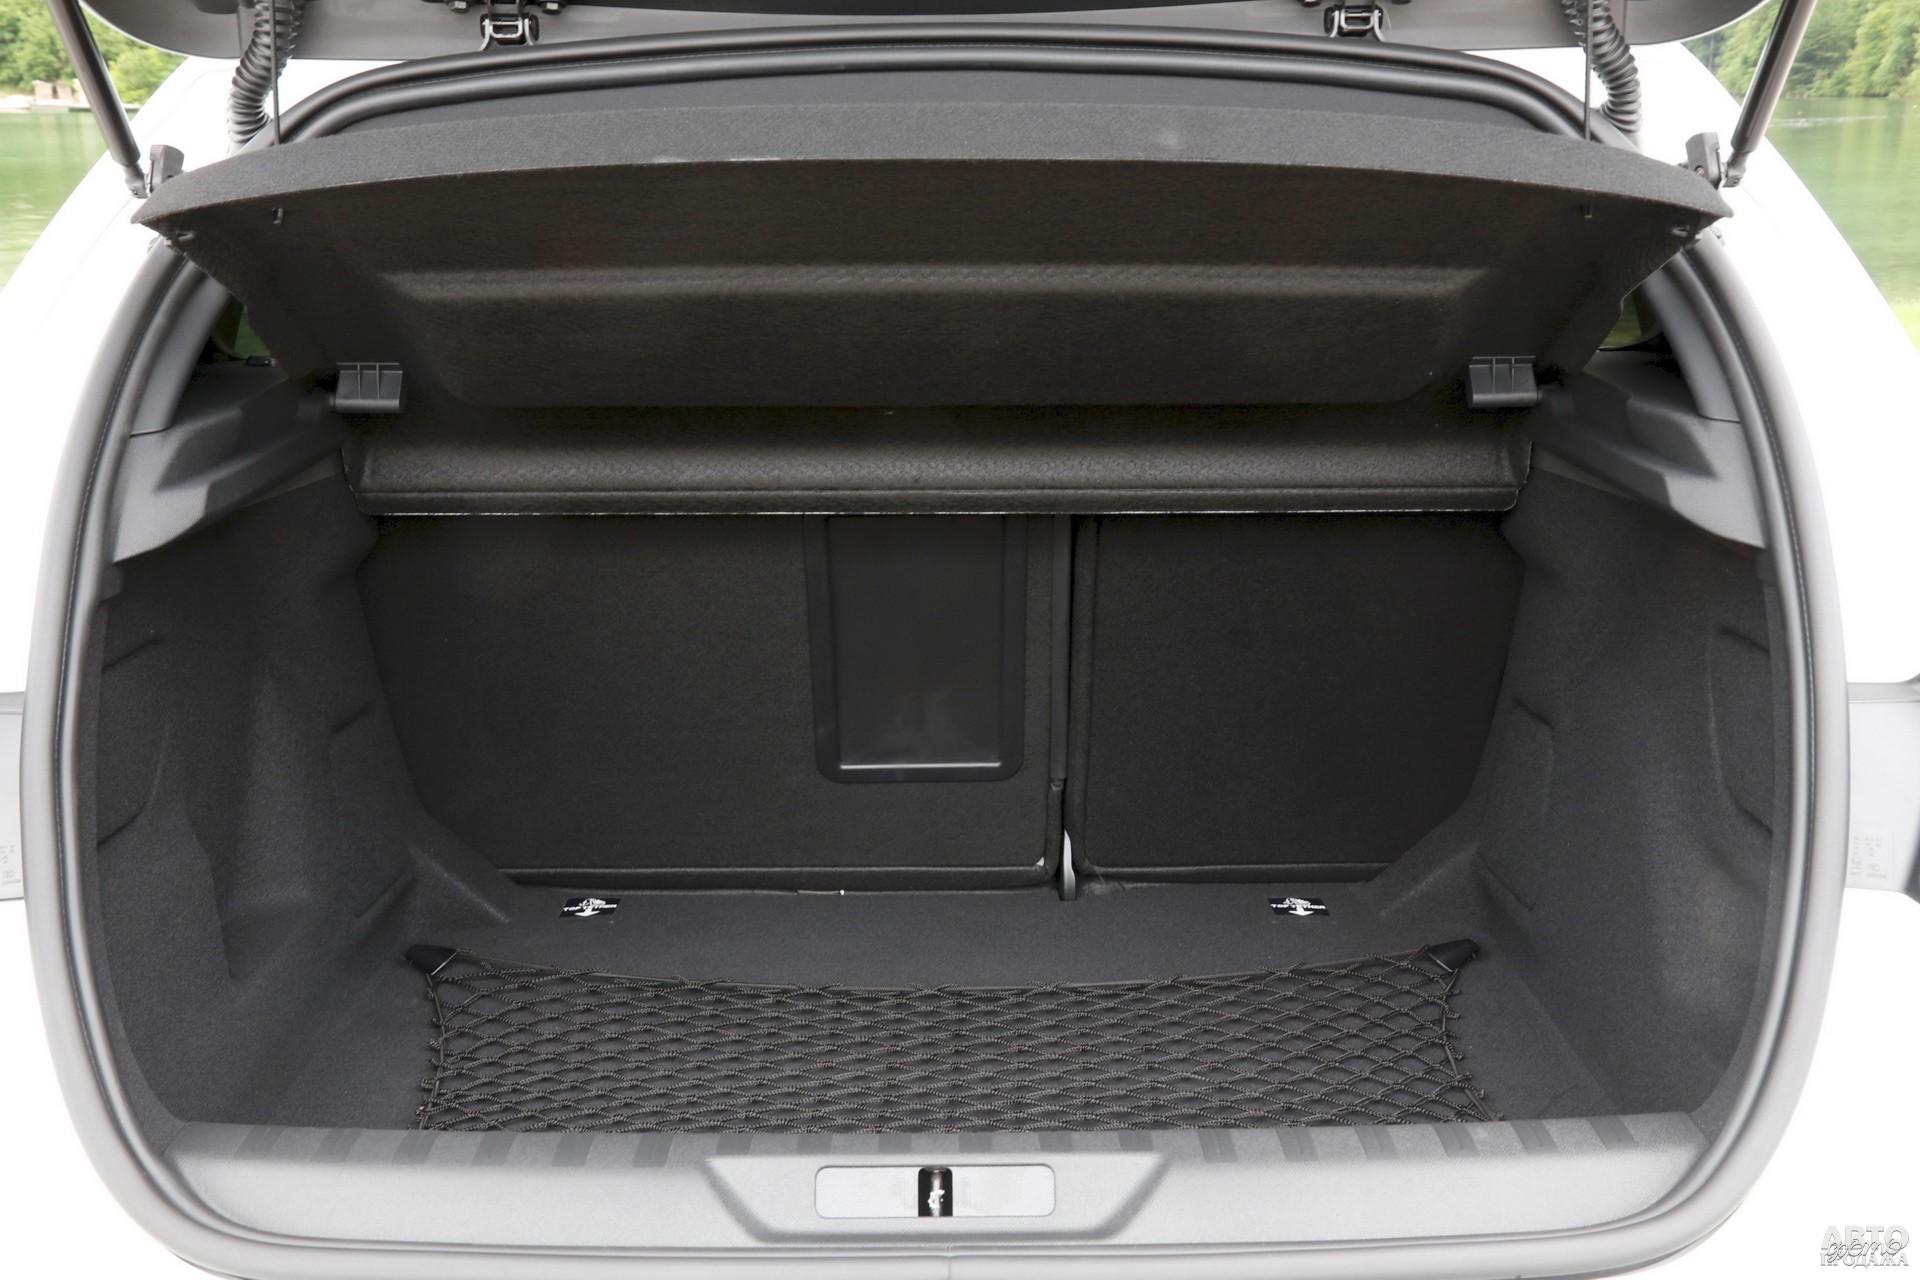 У Peugeot в распоряжении  420 л